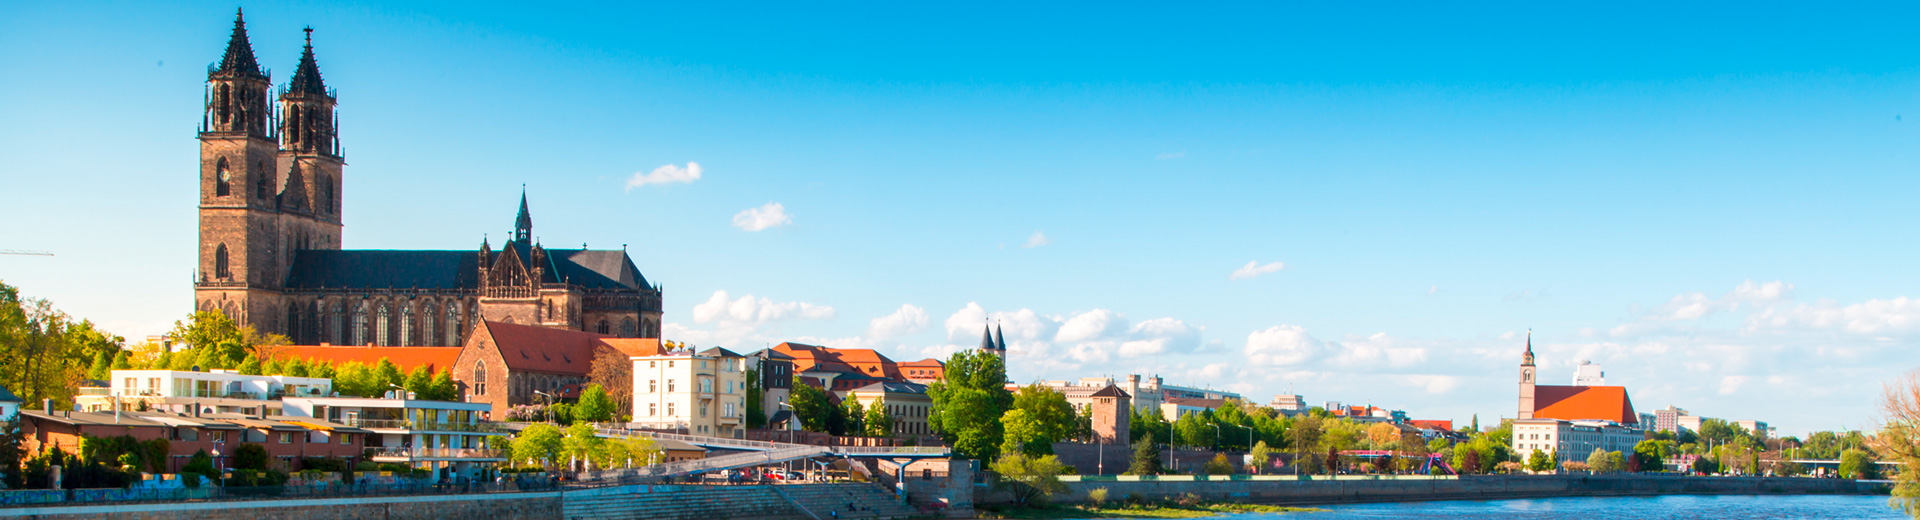 Städtereise Magdeburg